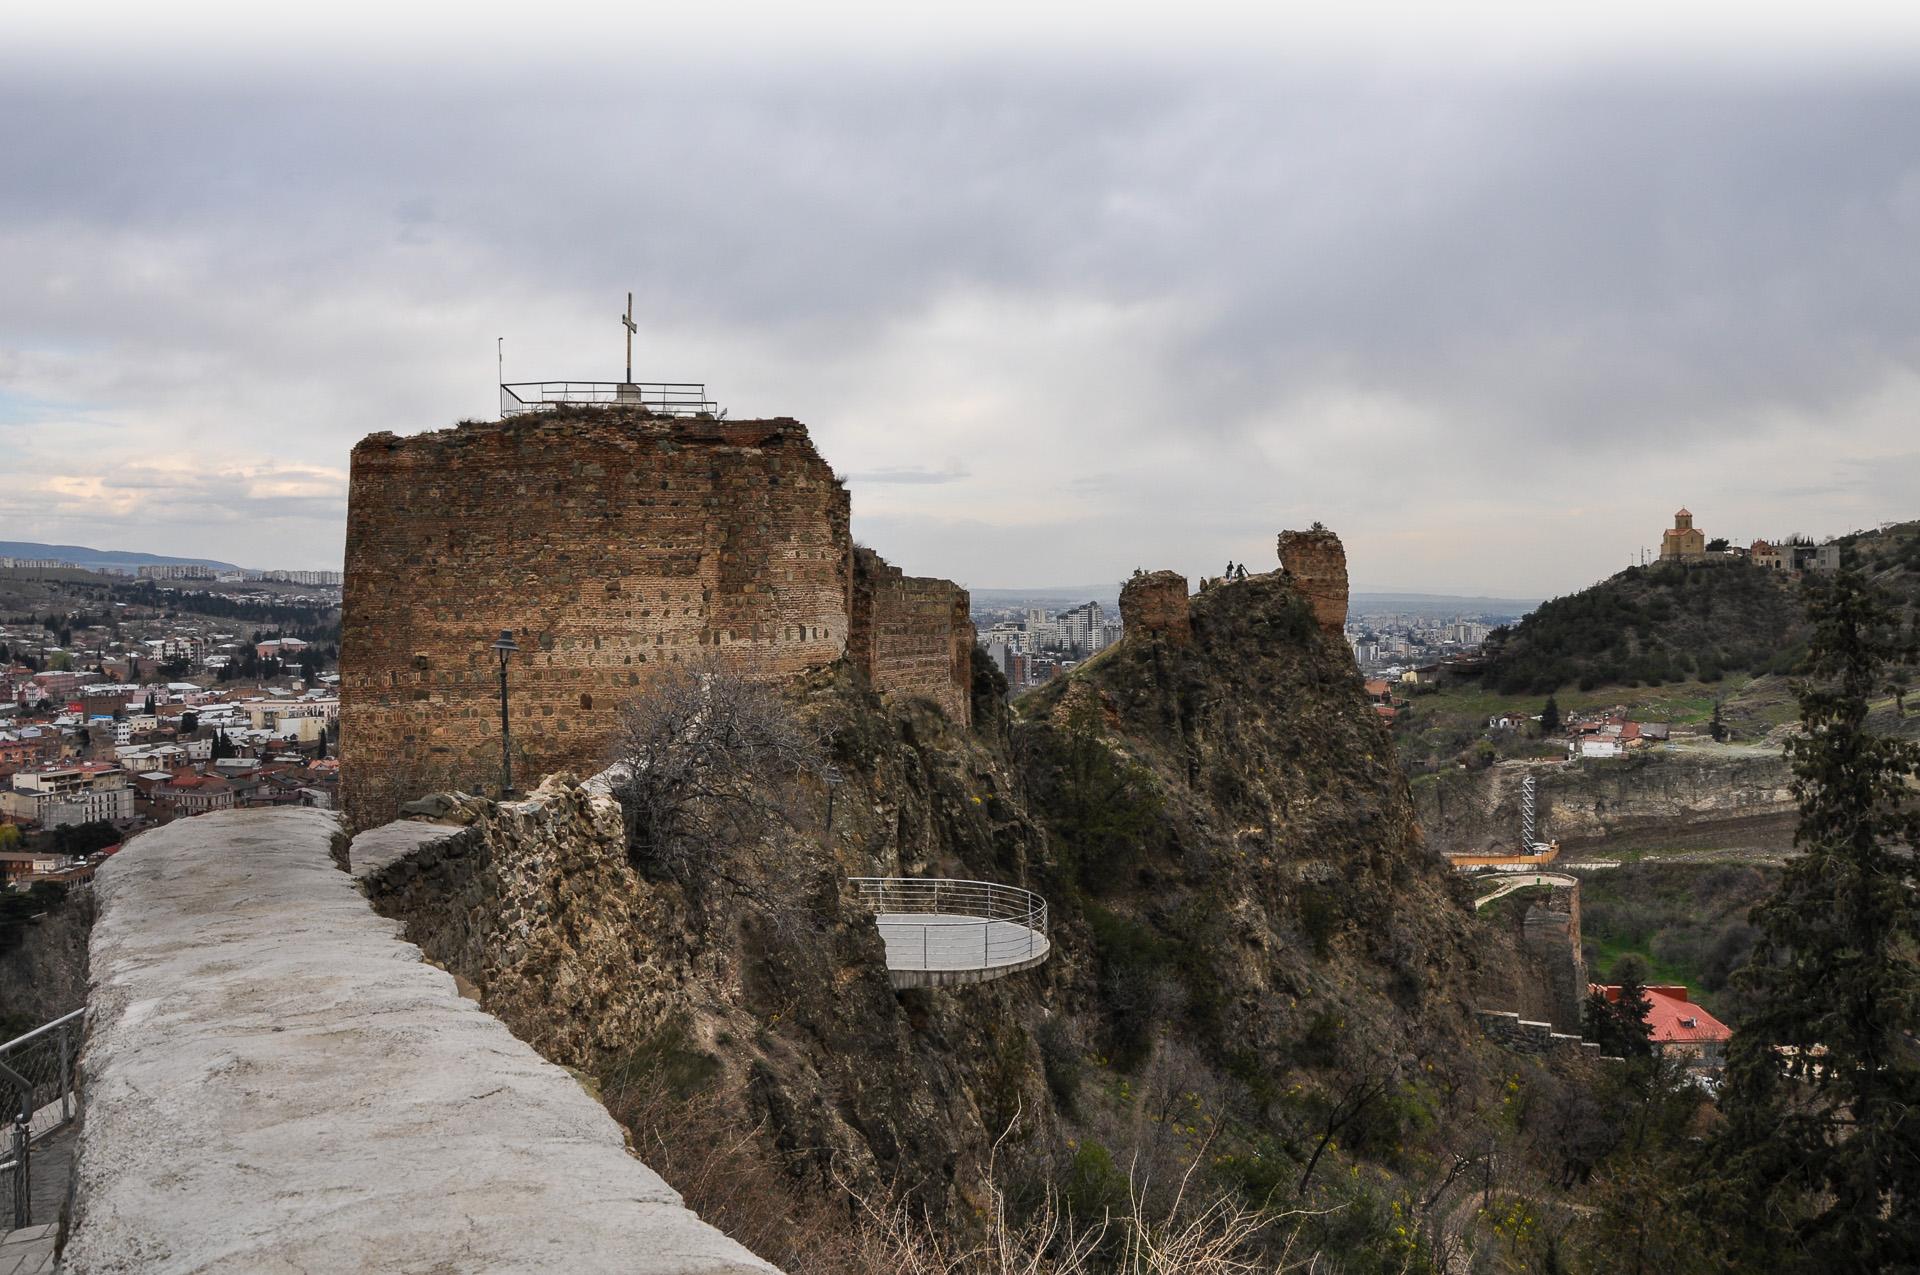 осетия тбилиси и его крепость нарикала фото интересны